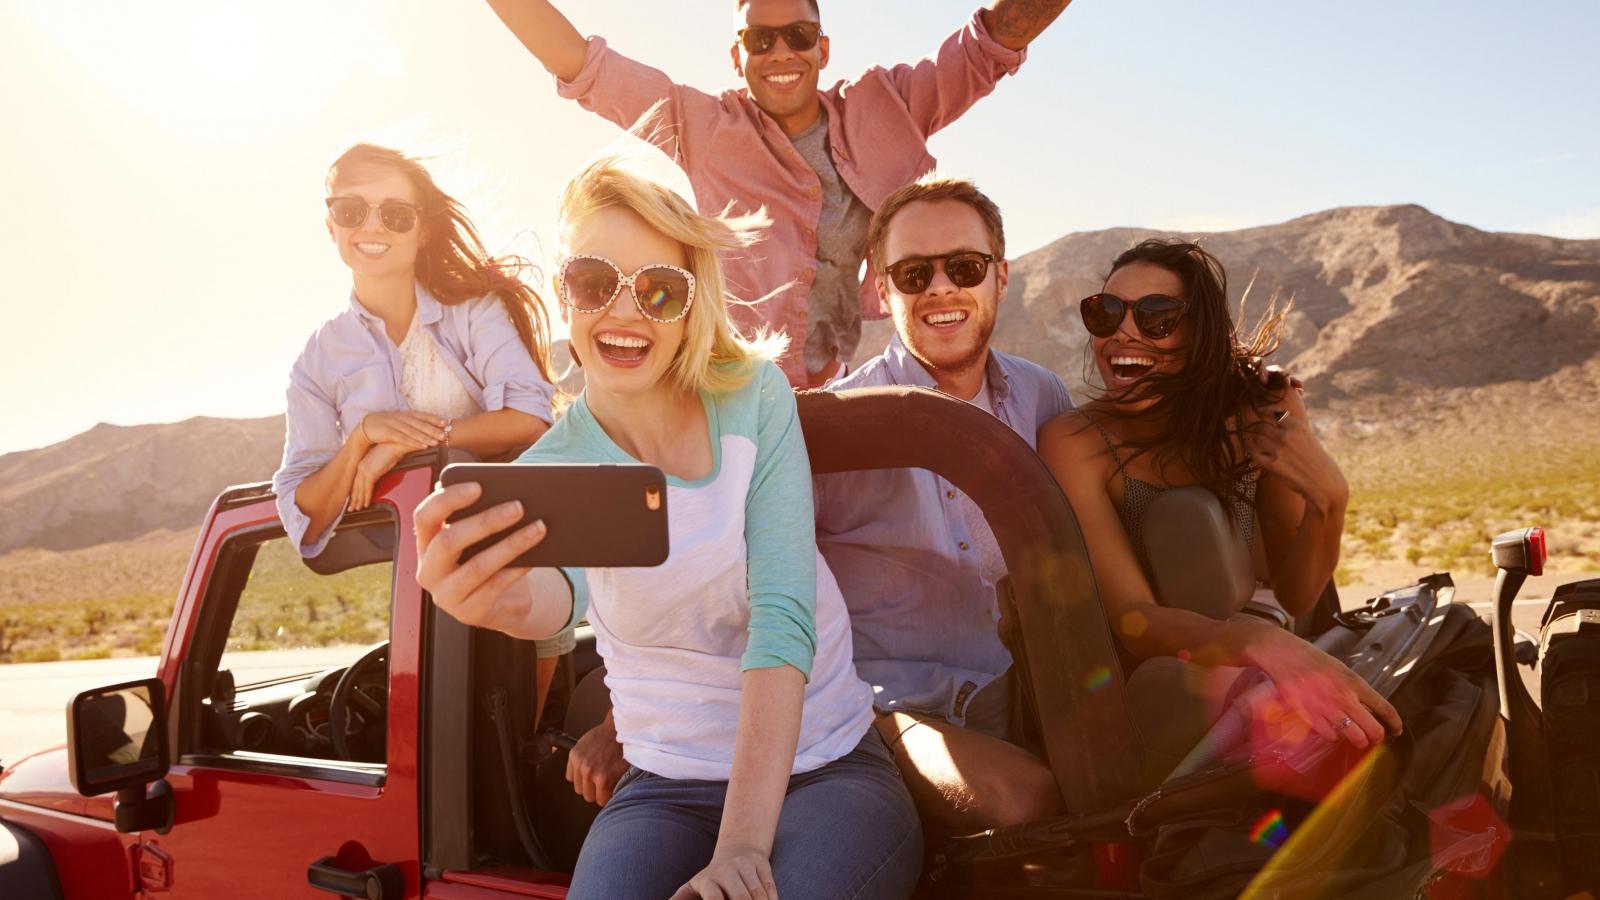 Mẹo vặt để có một chuyến du lịch hoàn hảo với nhóm bạn thân